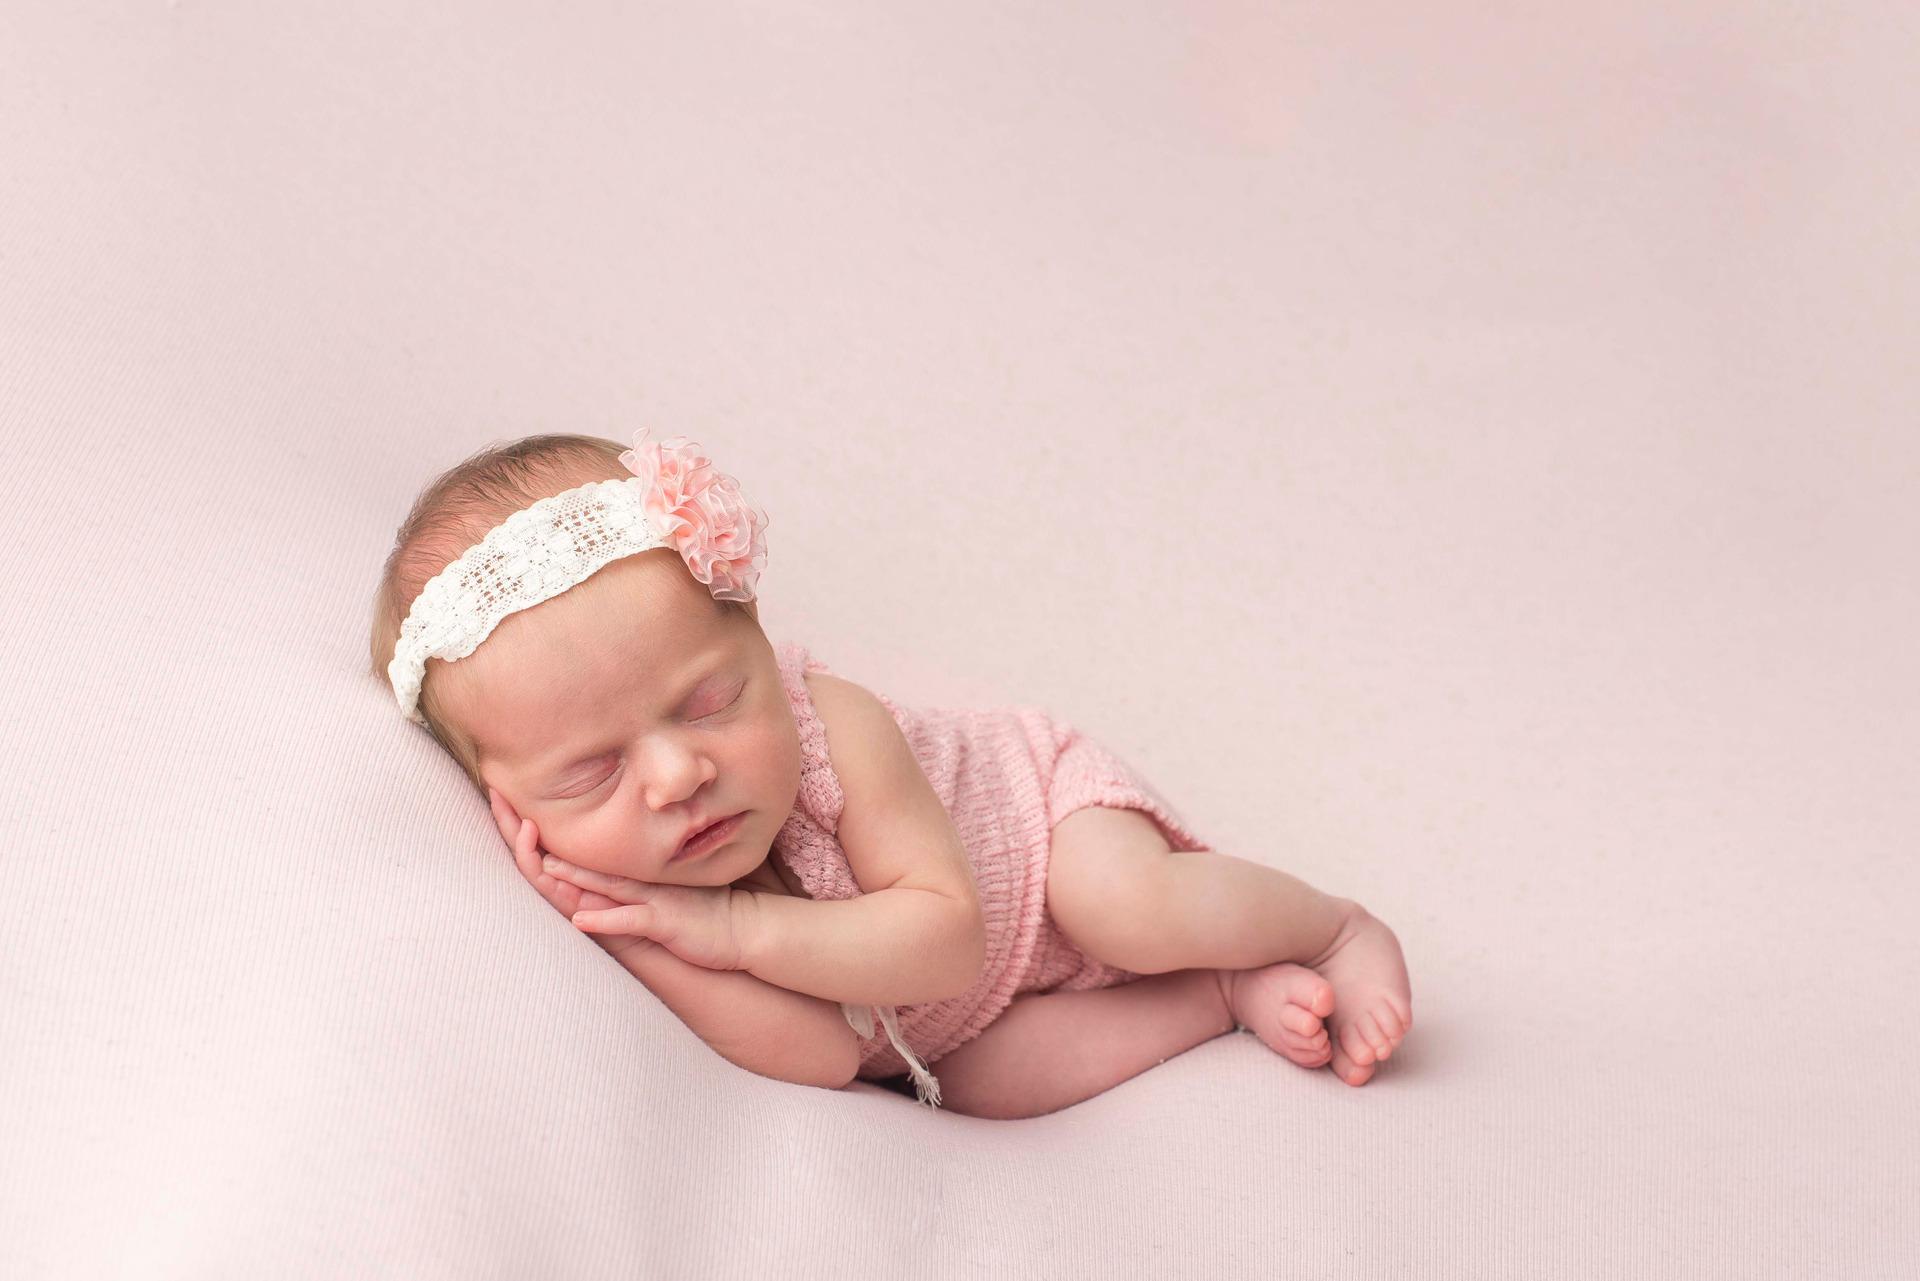 newborn menina, ensaio newborn, newborn rosa, newborn, bebê, nascimento, foto de bebê, foto de recem-nascido, fotos fofas, inspiração foto bebê, família, amor